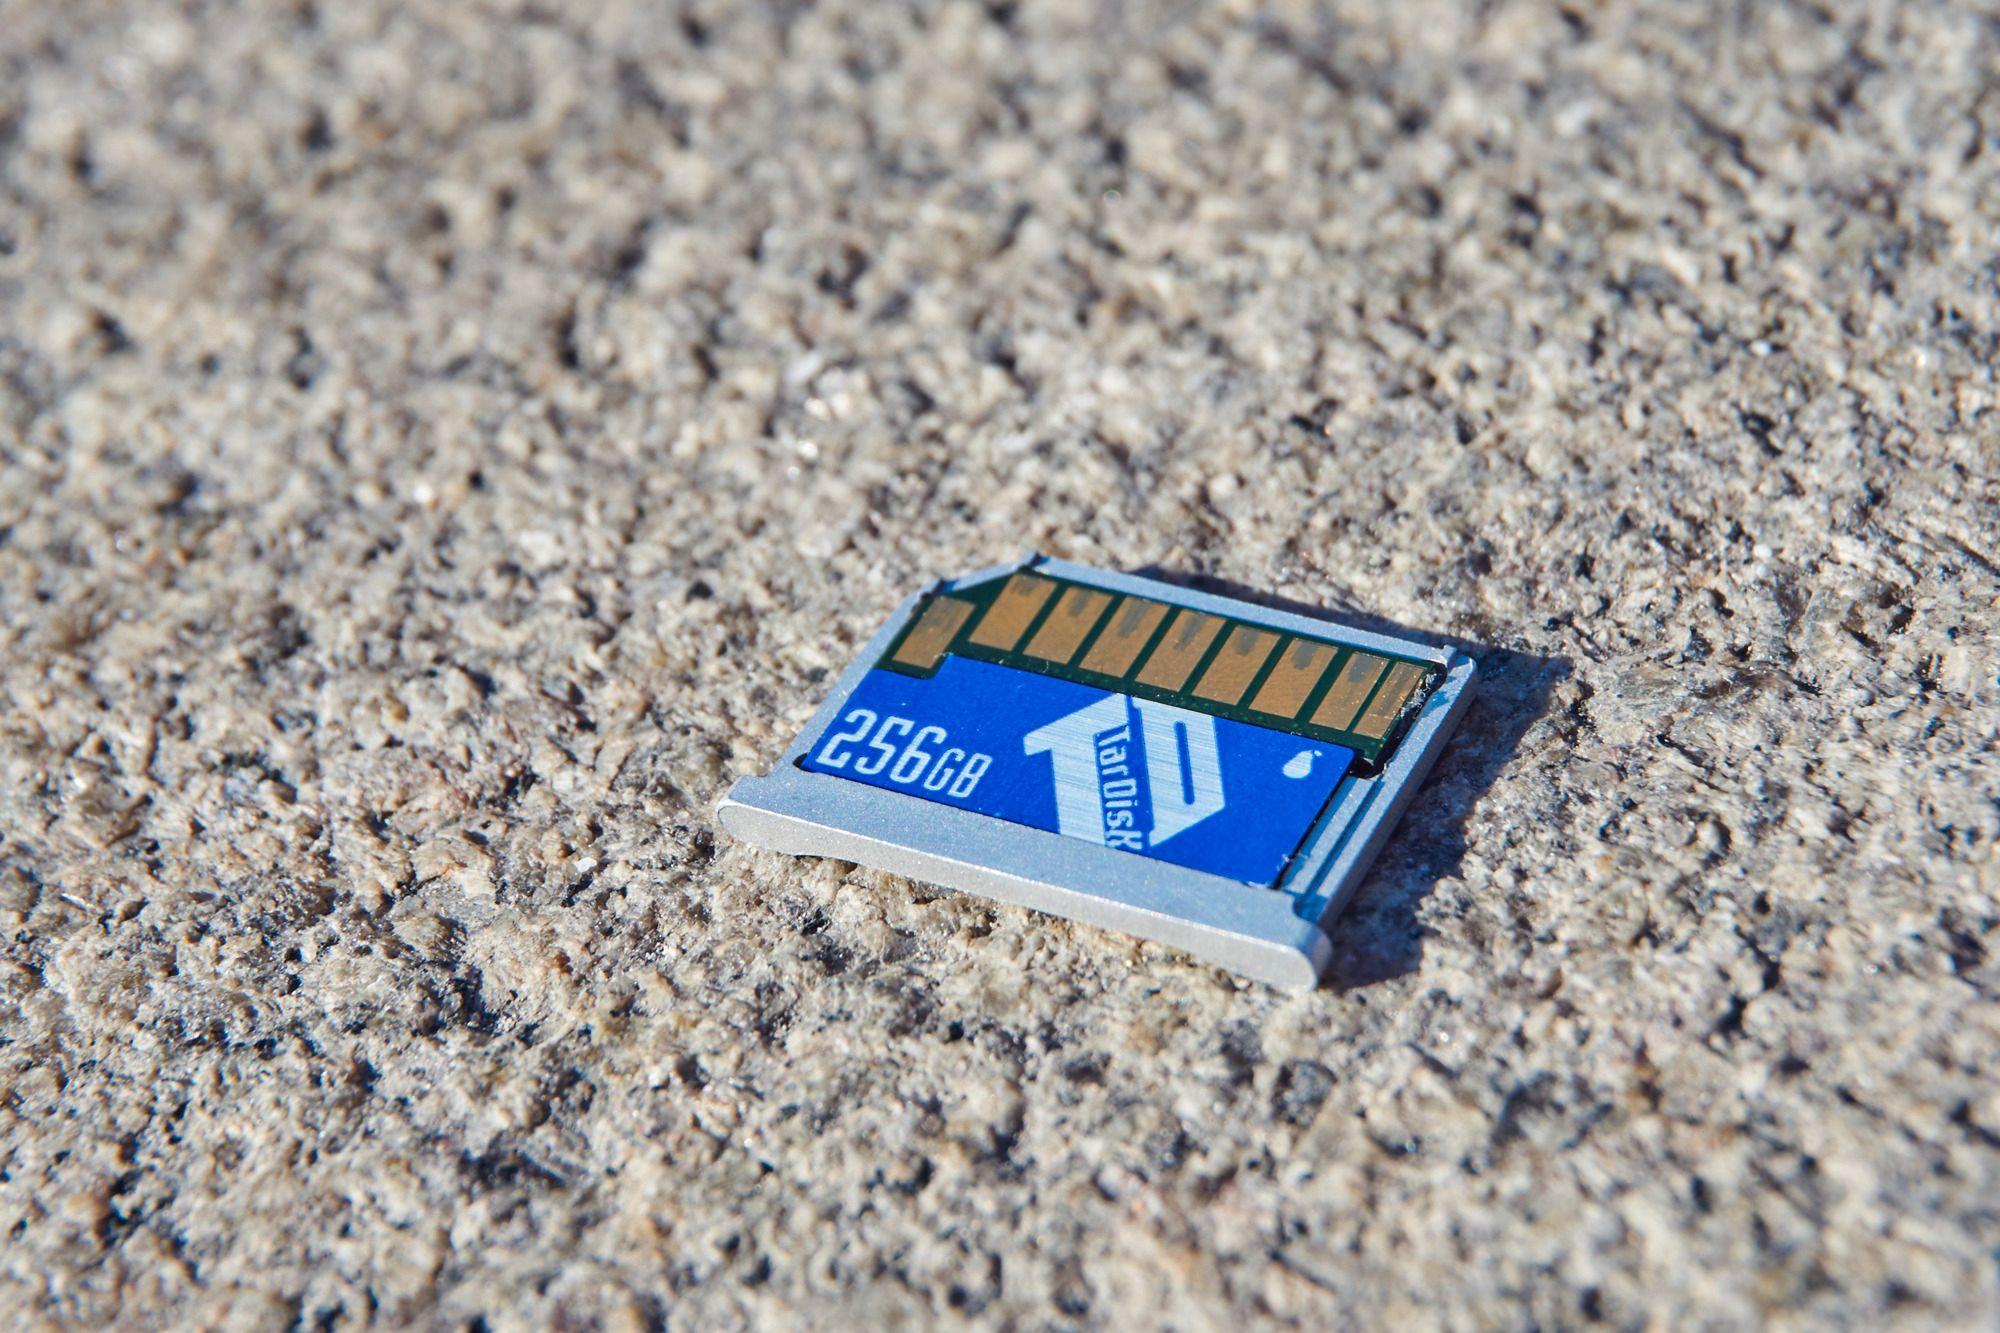 256 GB ekstra er ikke til å kimse av, og hastigheten er det heller ingenting å si på.